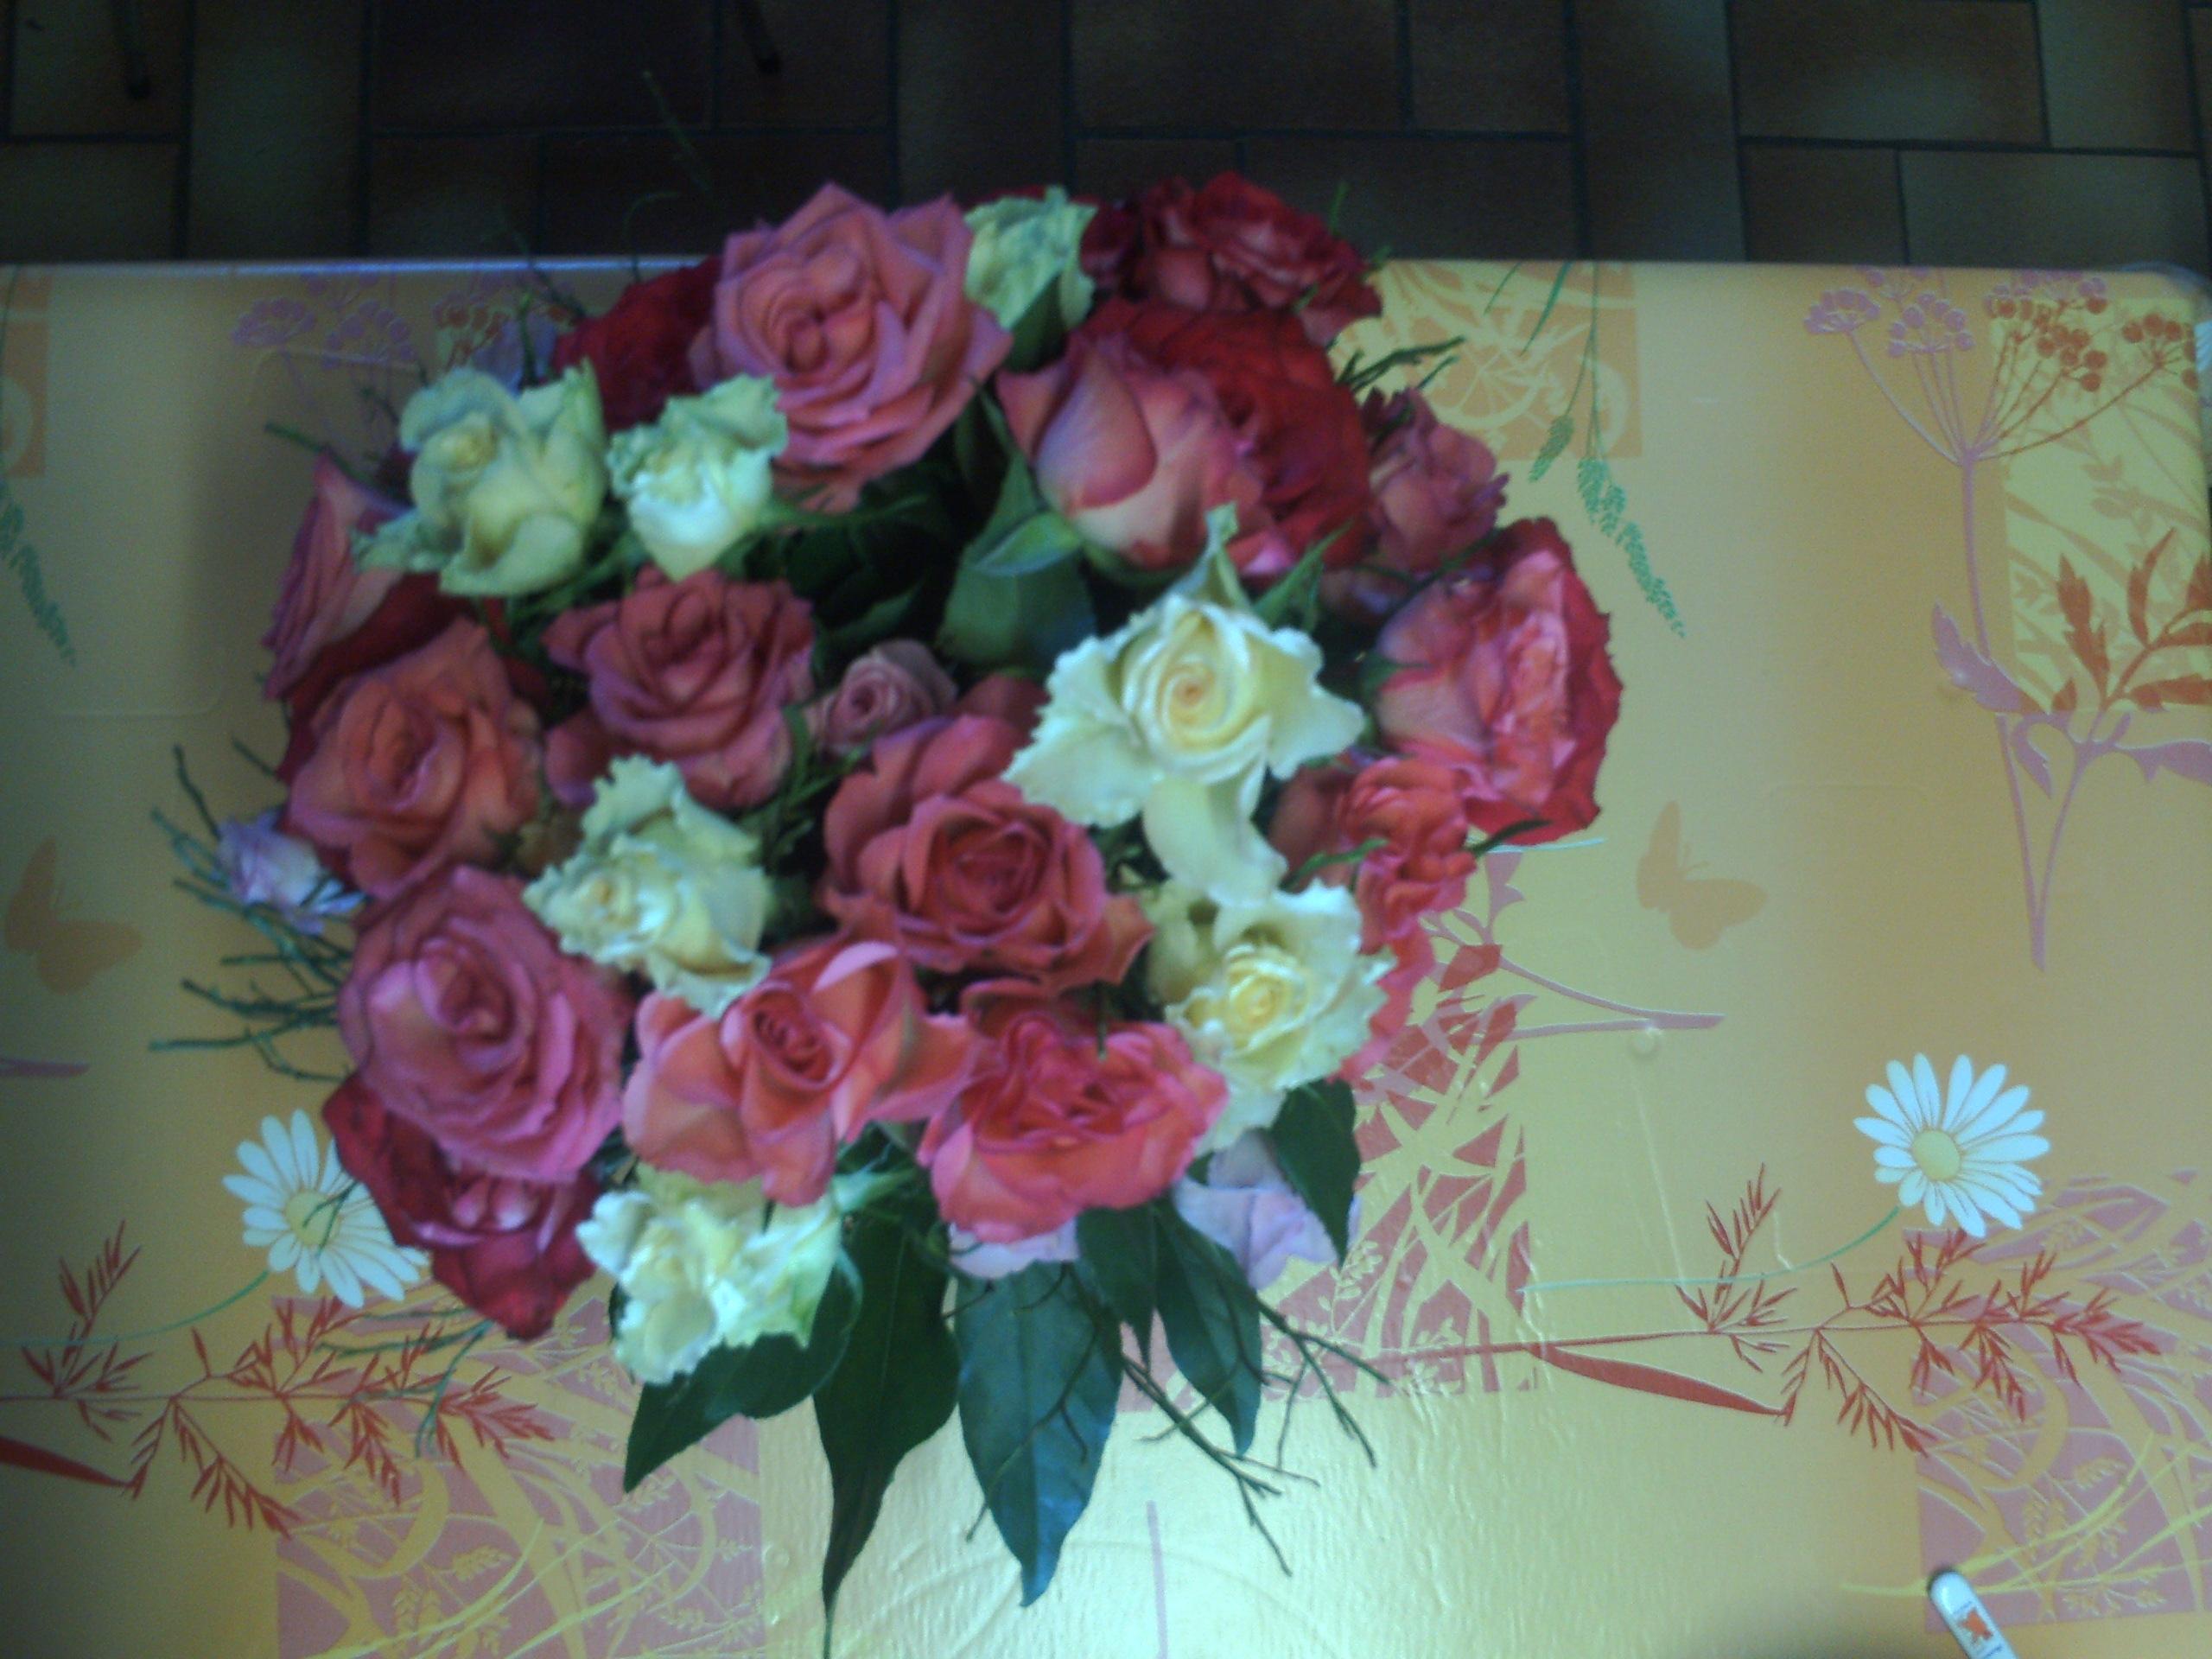 bouquetderosesquejaireudelatroupethtralele170208.jpg